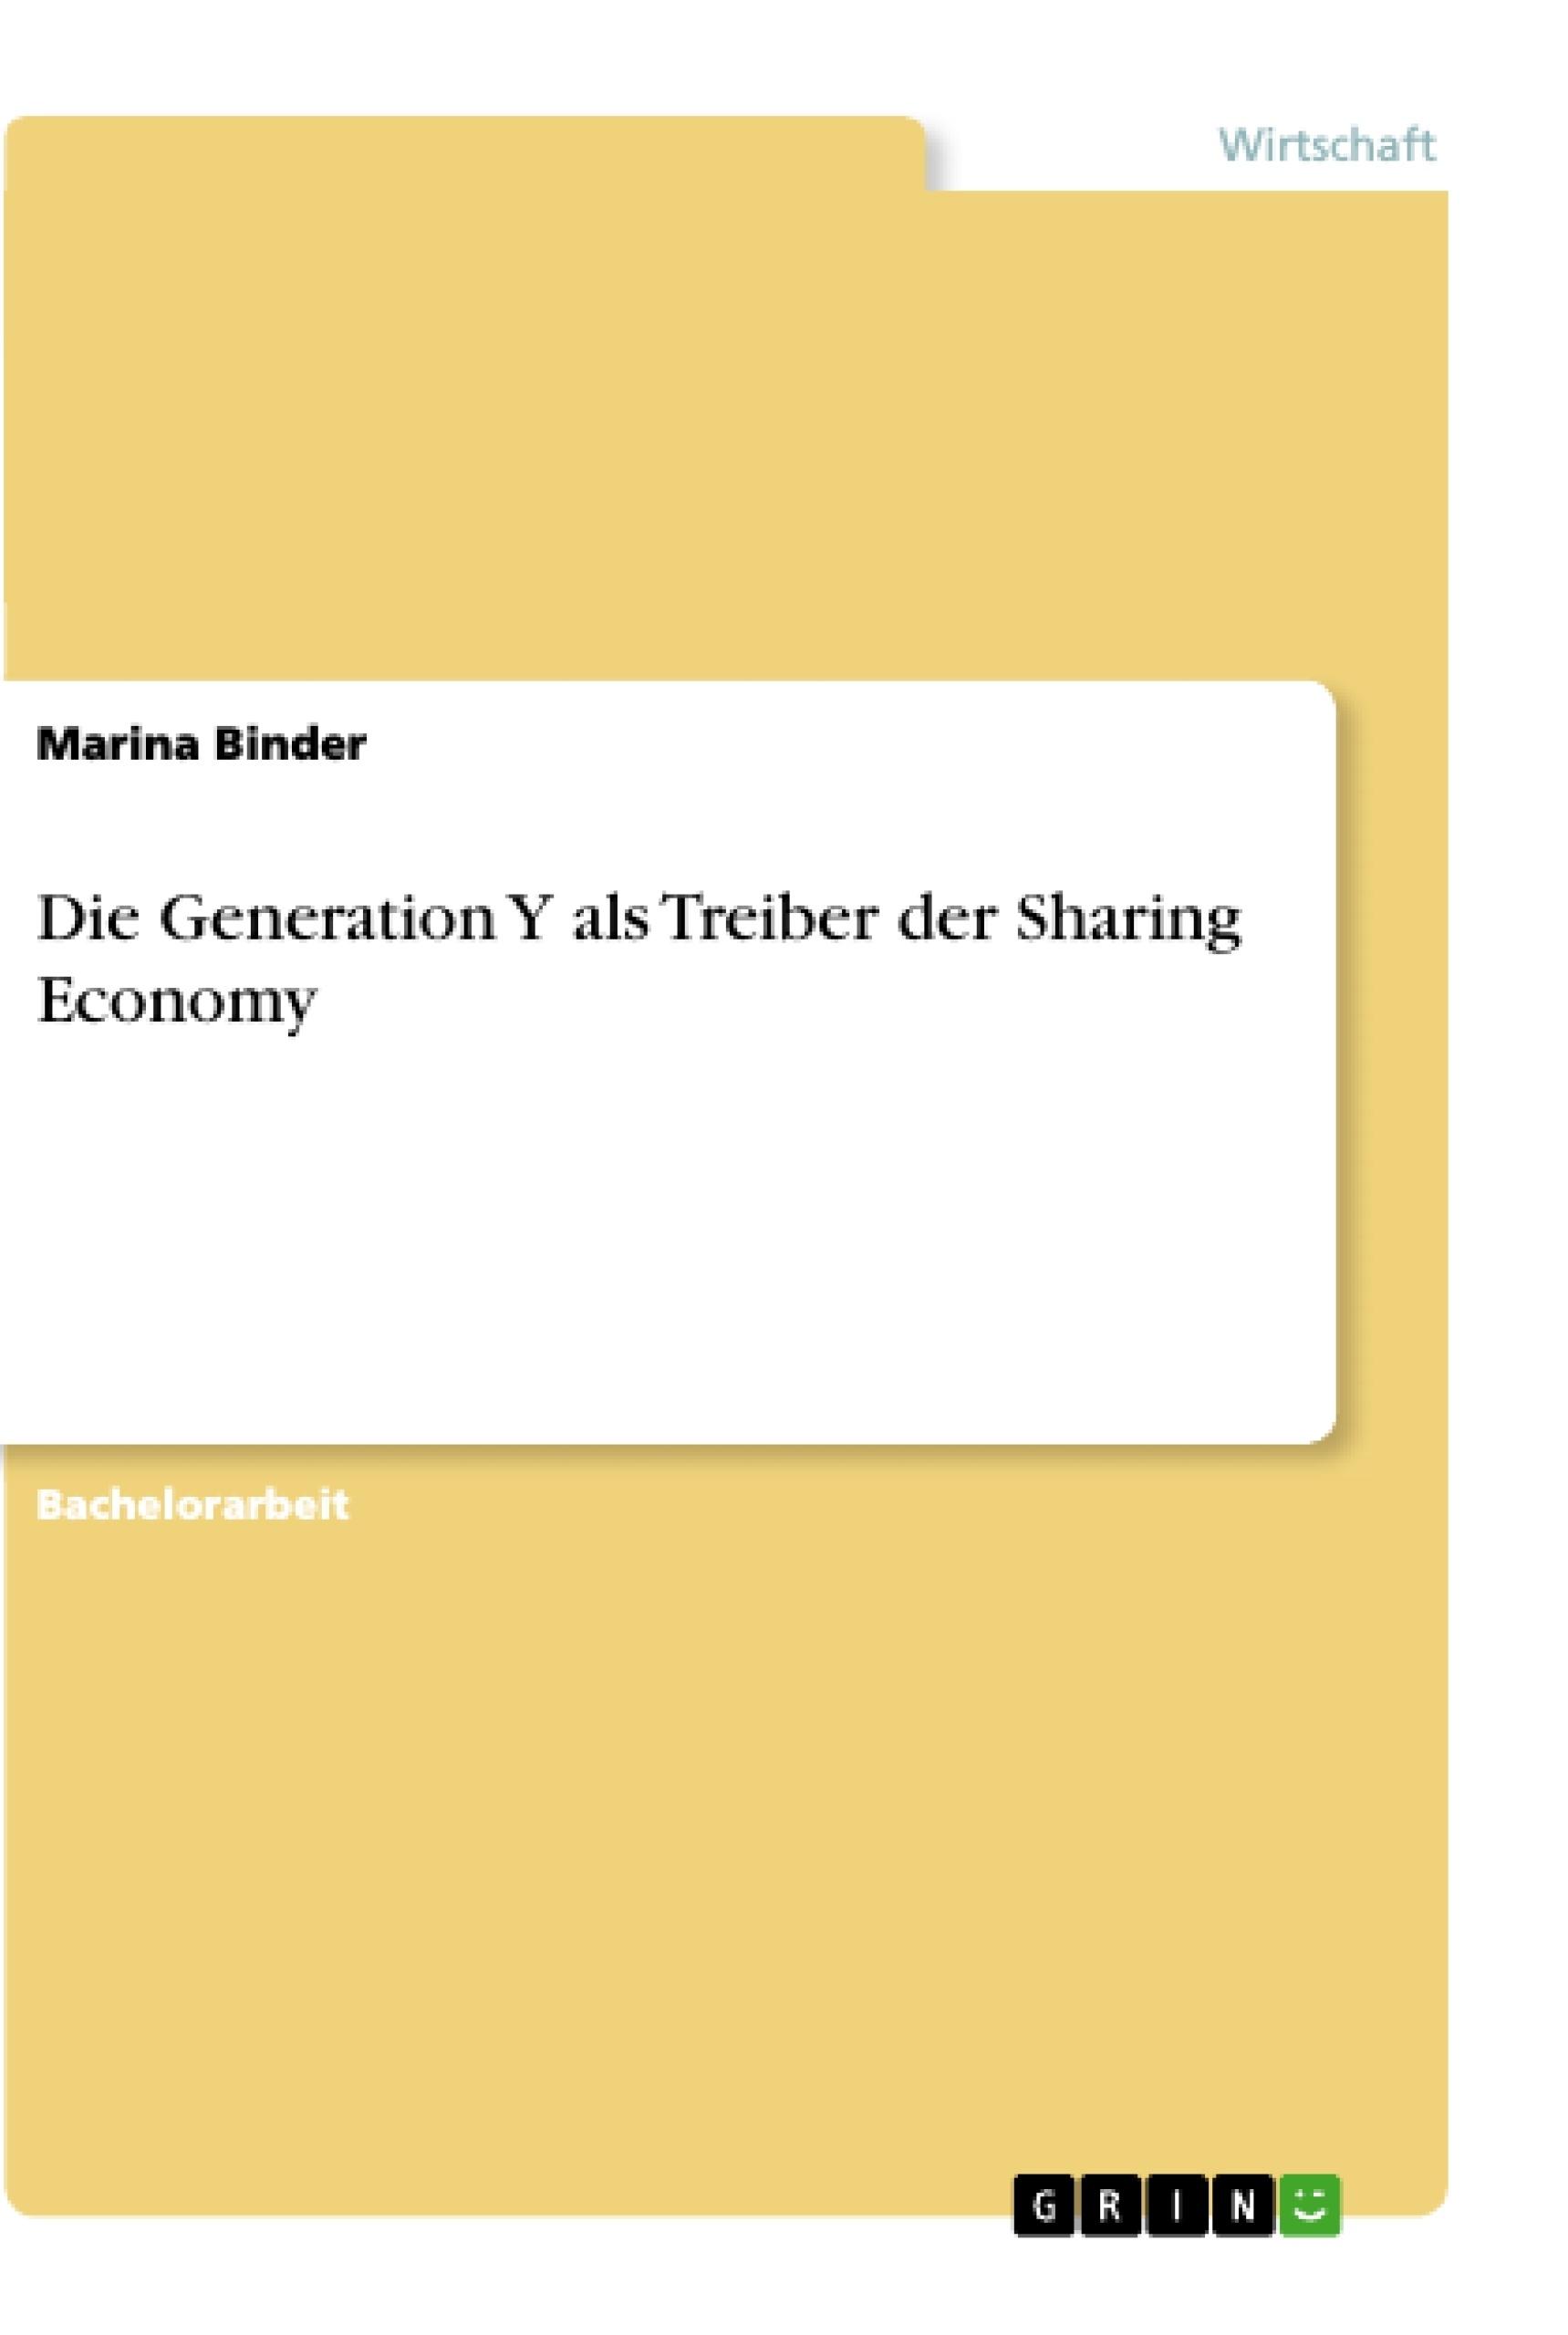 Titel: Die Generation Y als Treiber der Sharing Economy